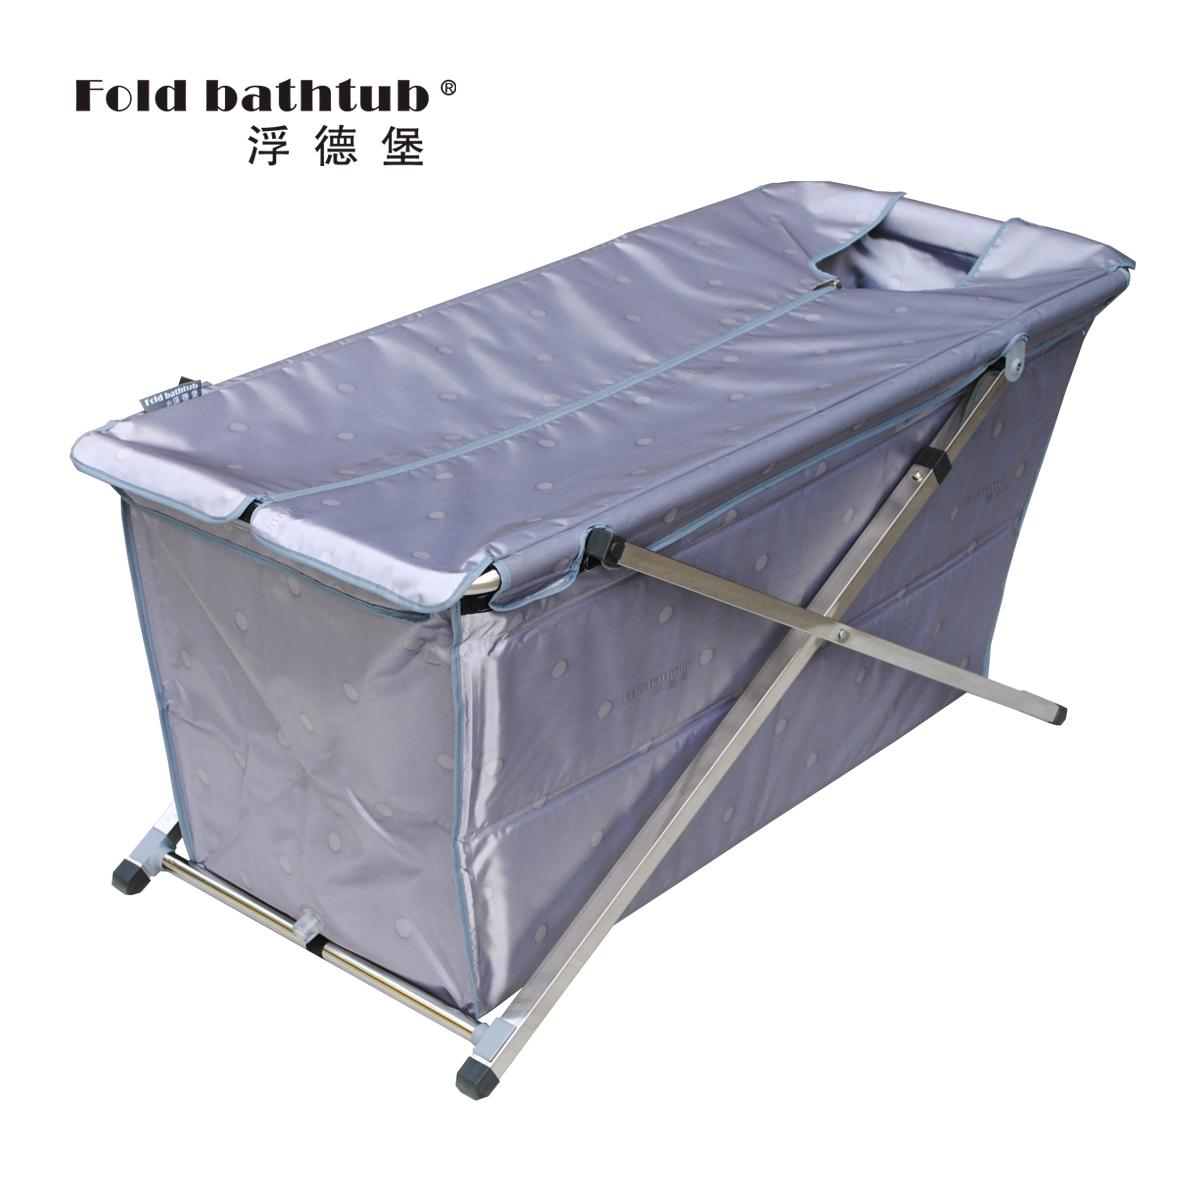 浮德堡折叠保温浴缸 非充气沐浴桶 家庭泡澡桶 非木桶加长加厚